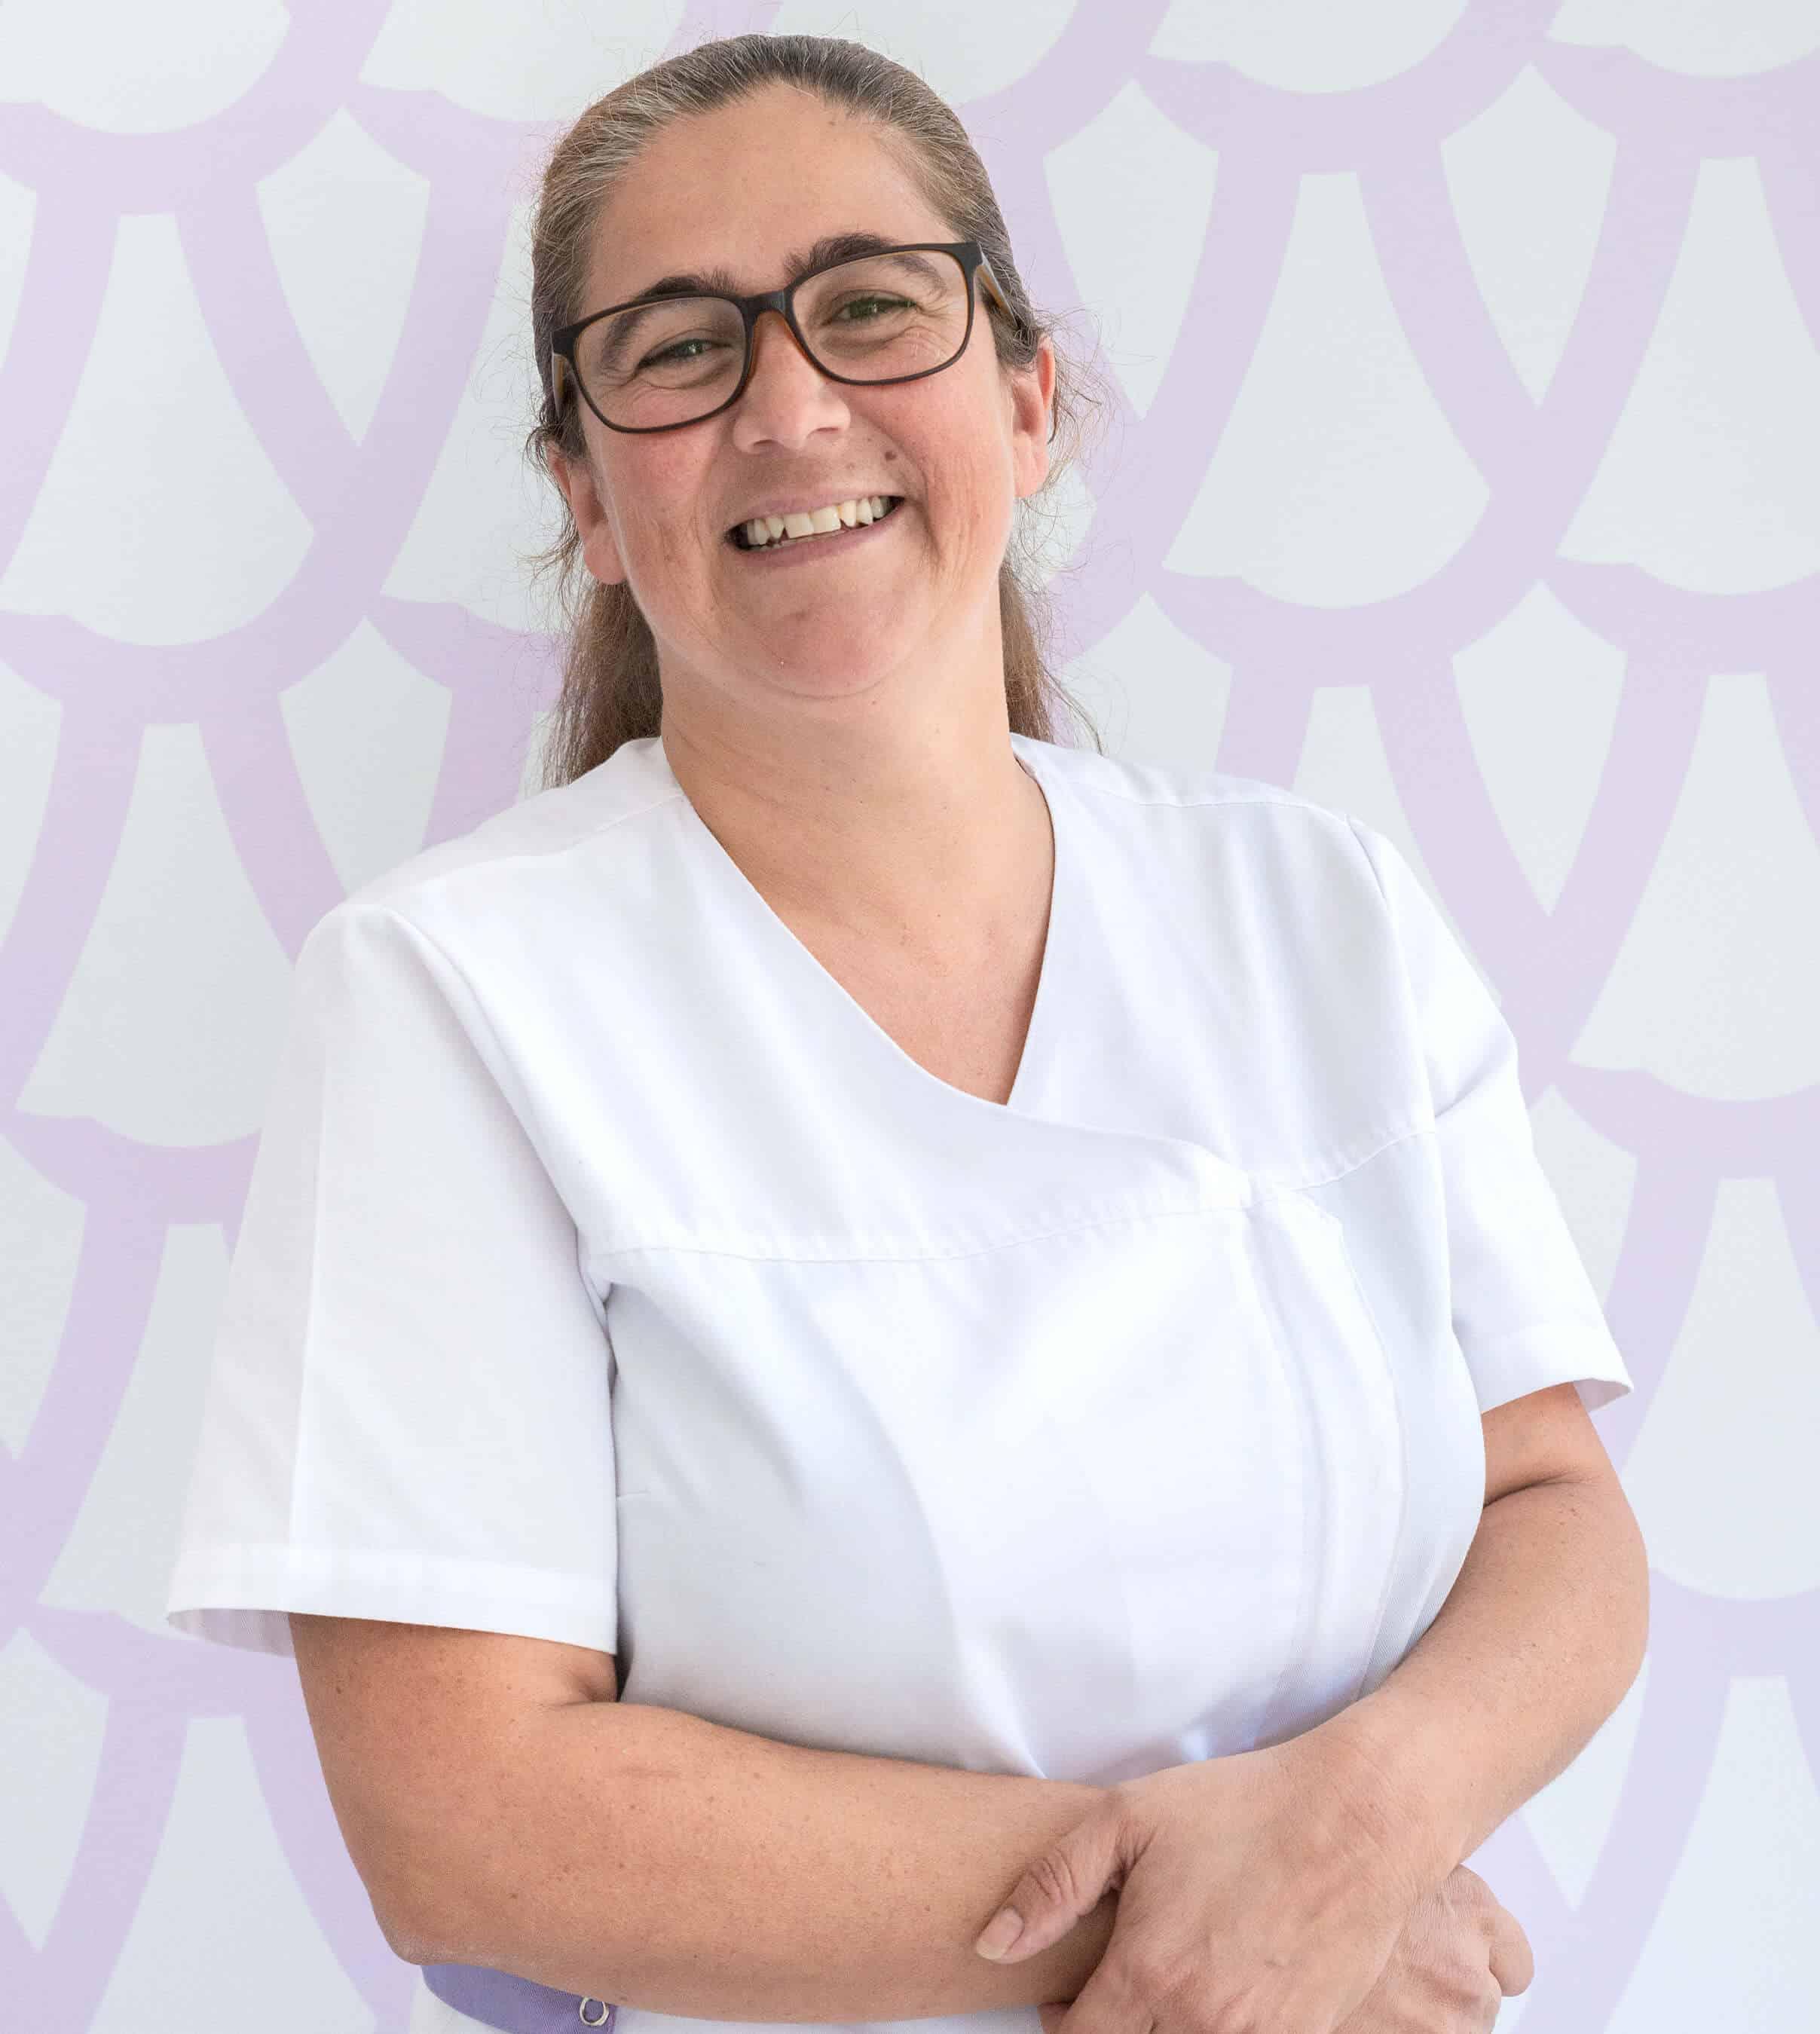 Doutros António Rajão, médico dentista da Dentya